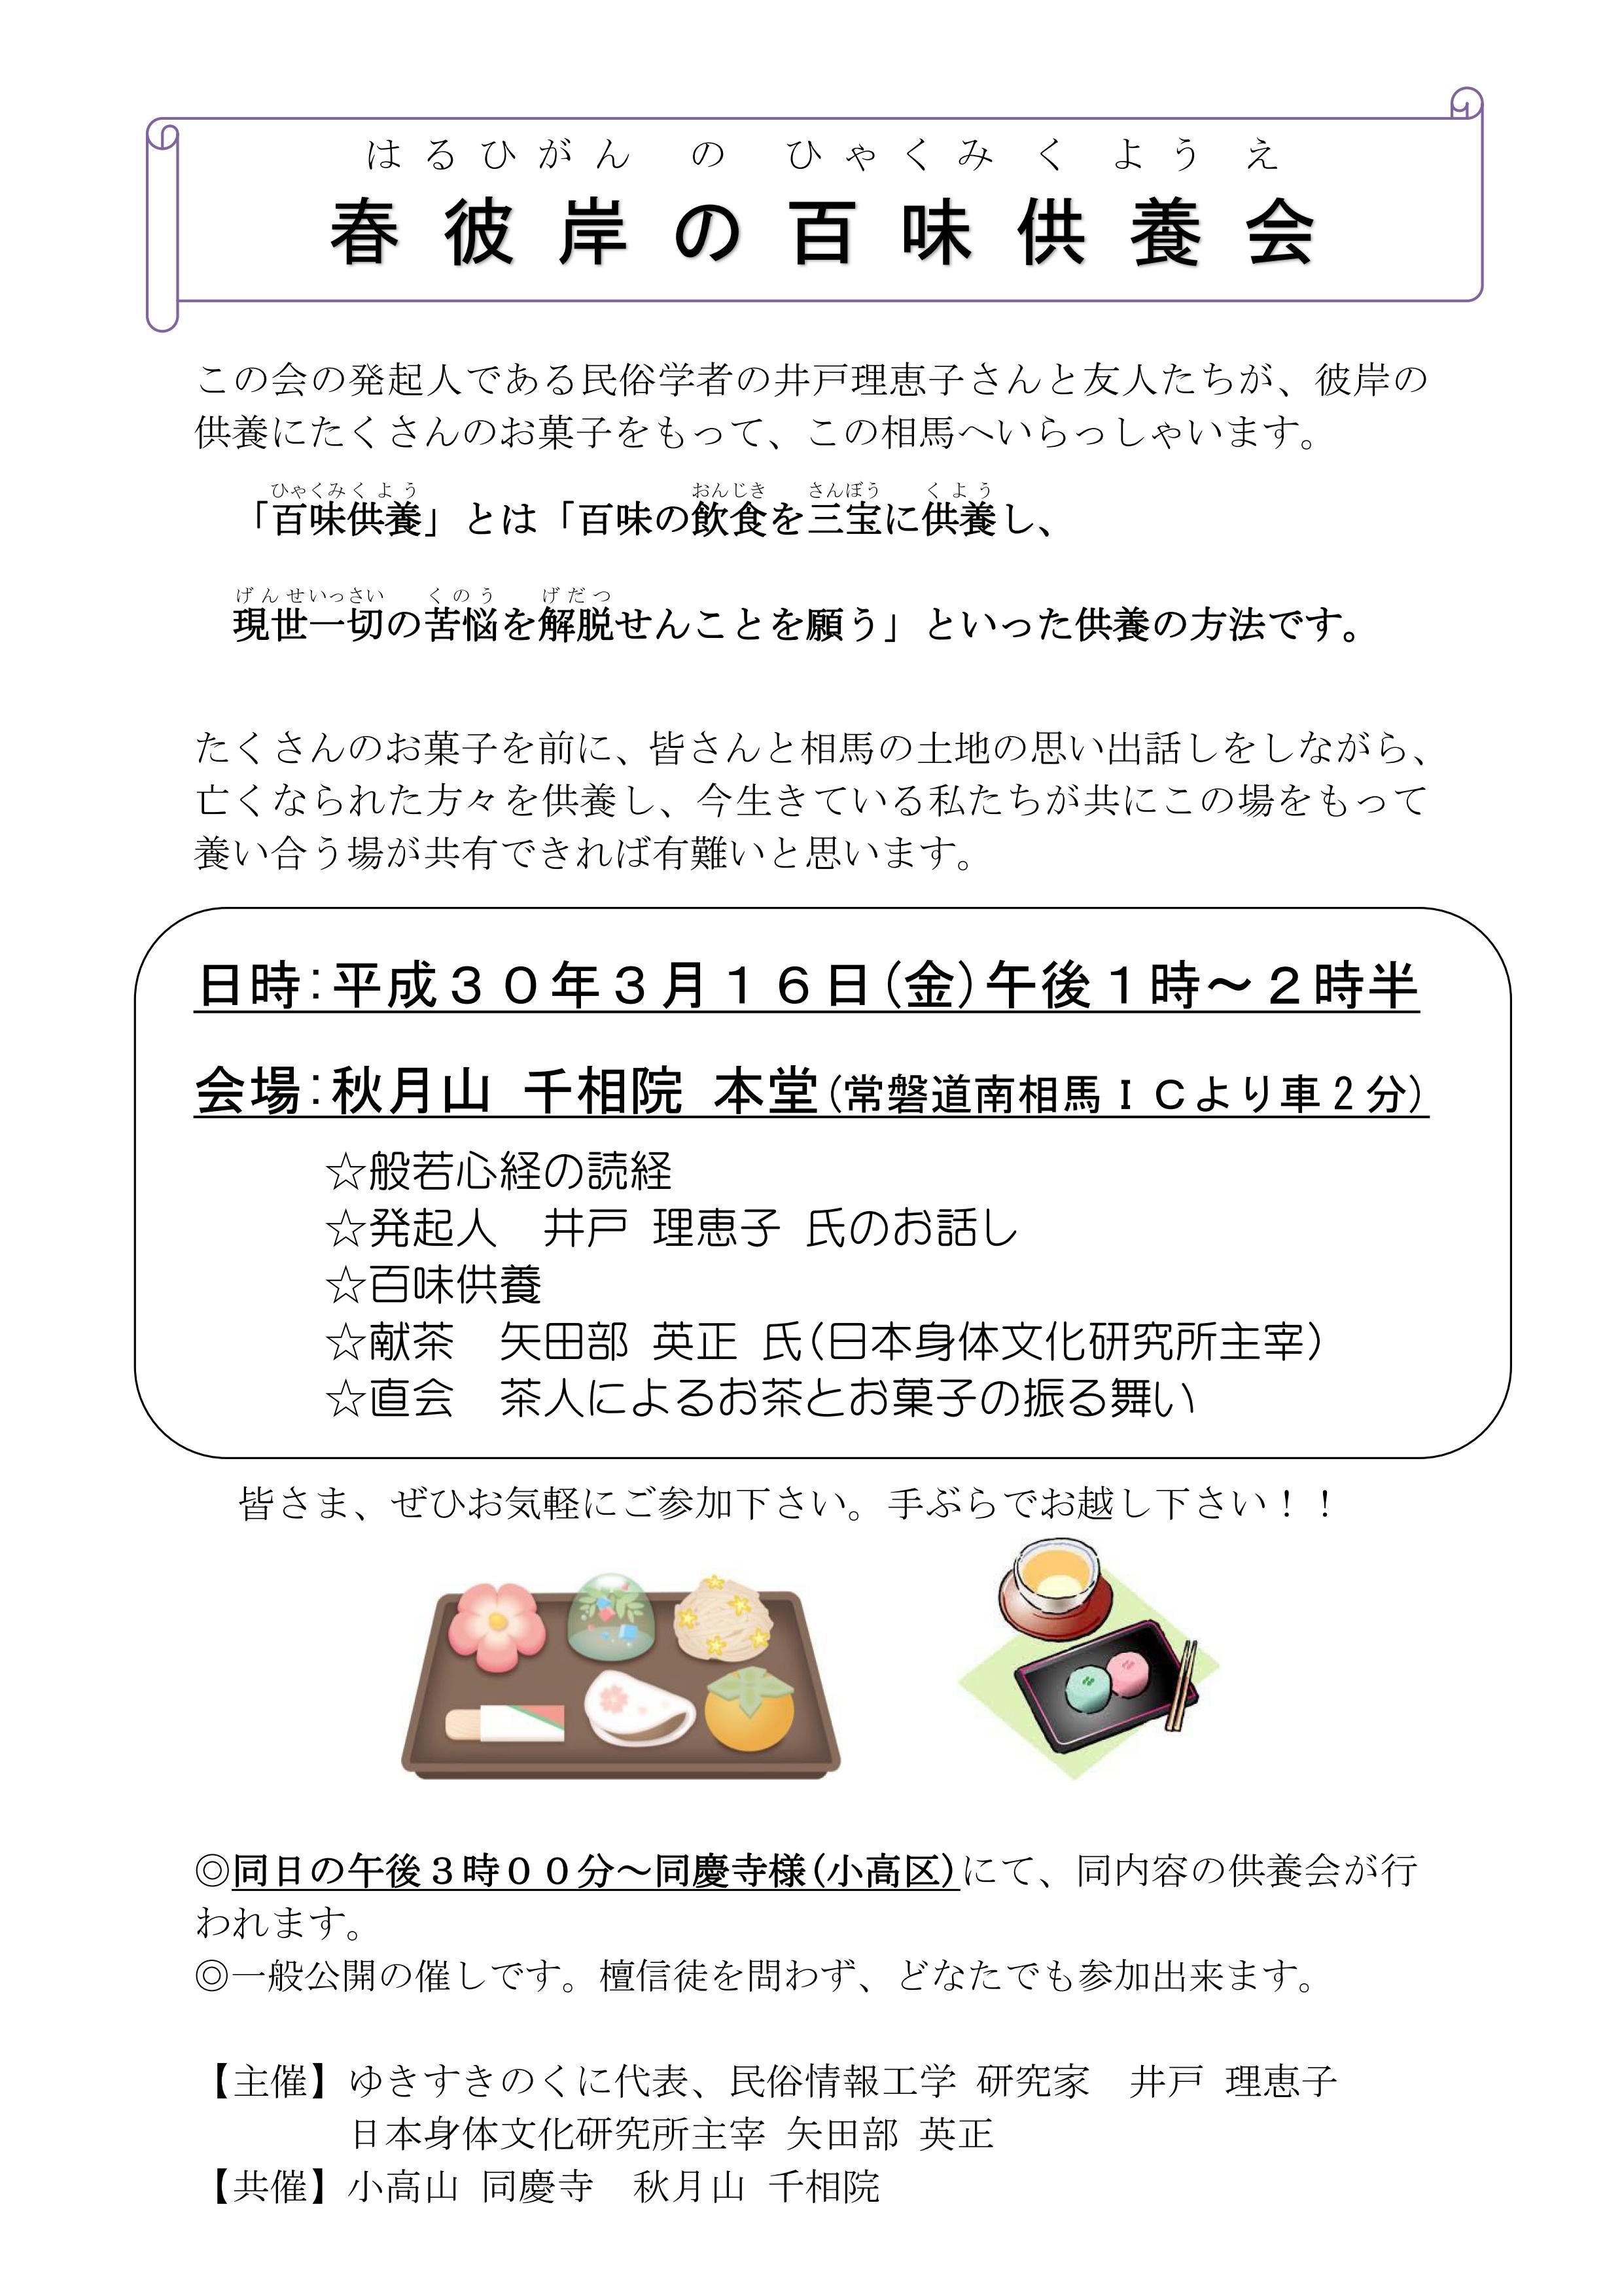 2018.3.16春彼岸の百味供養会